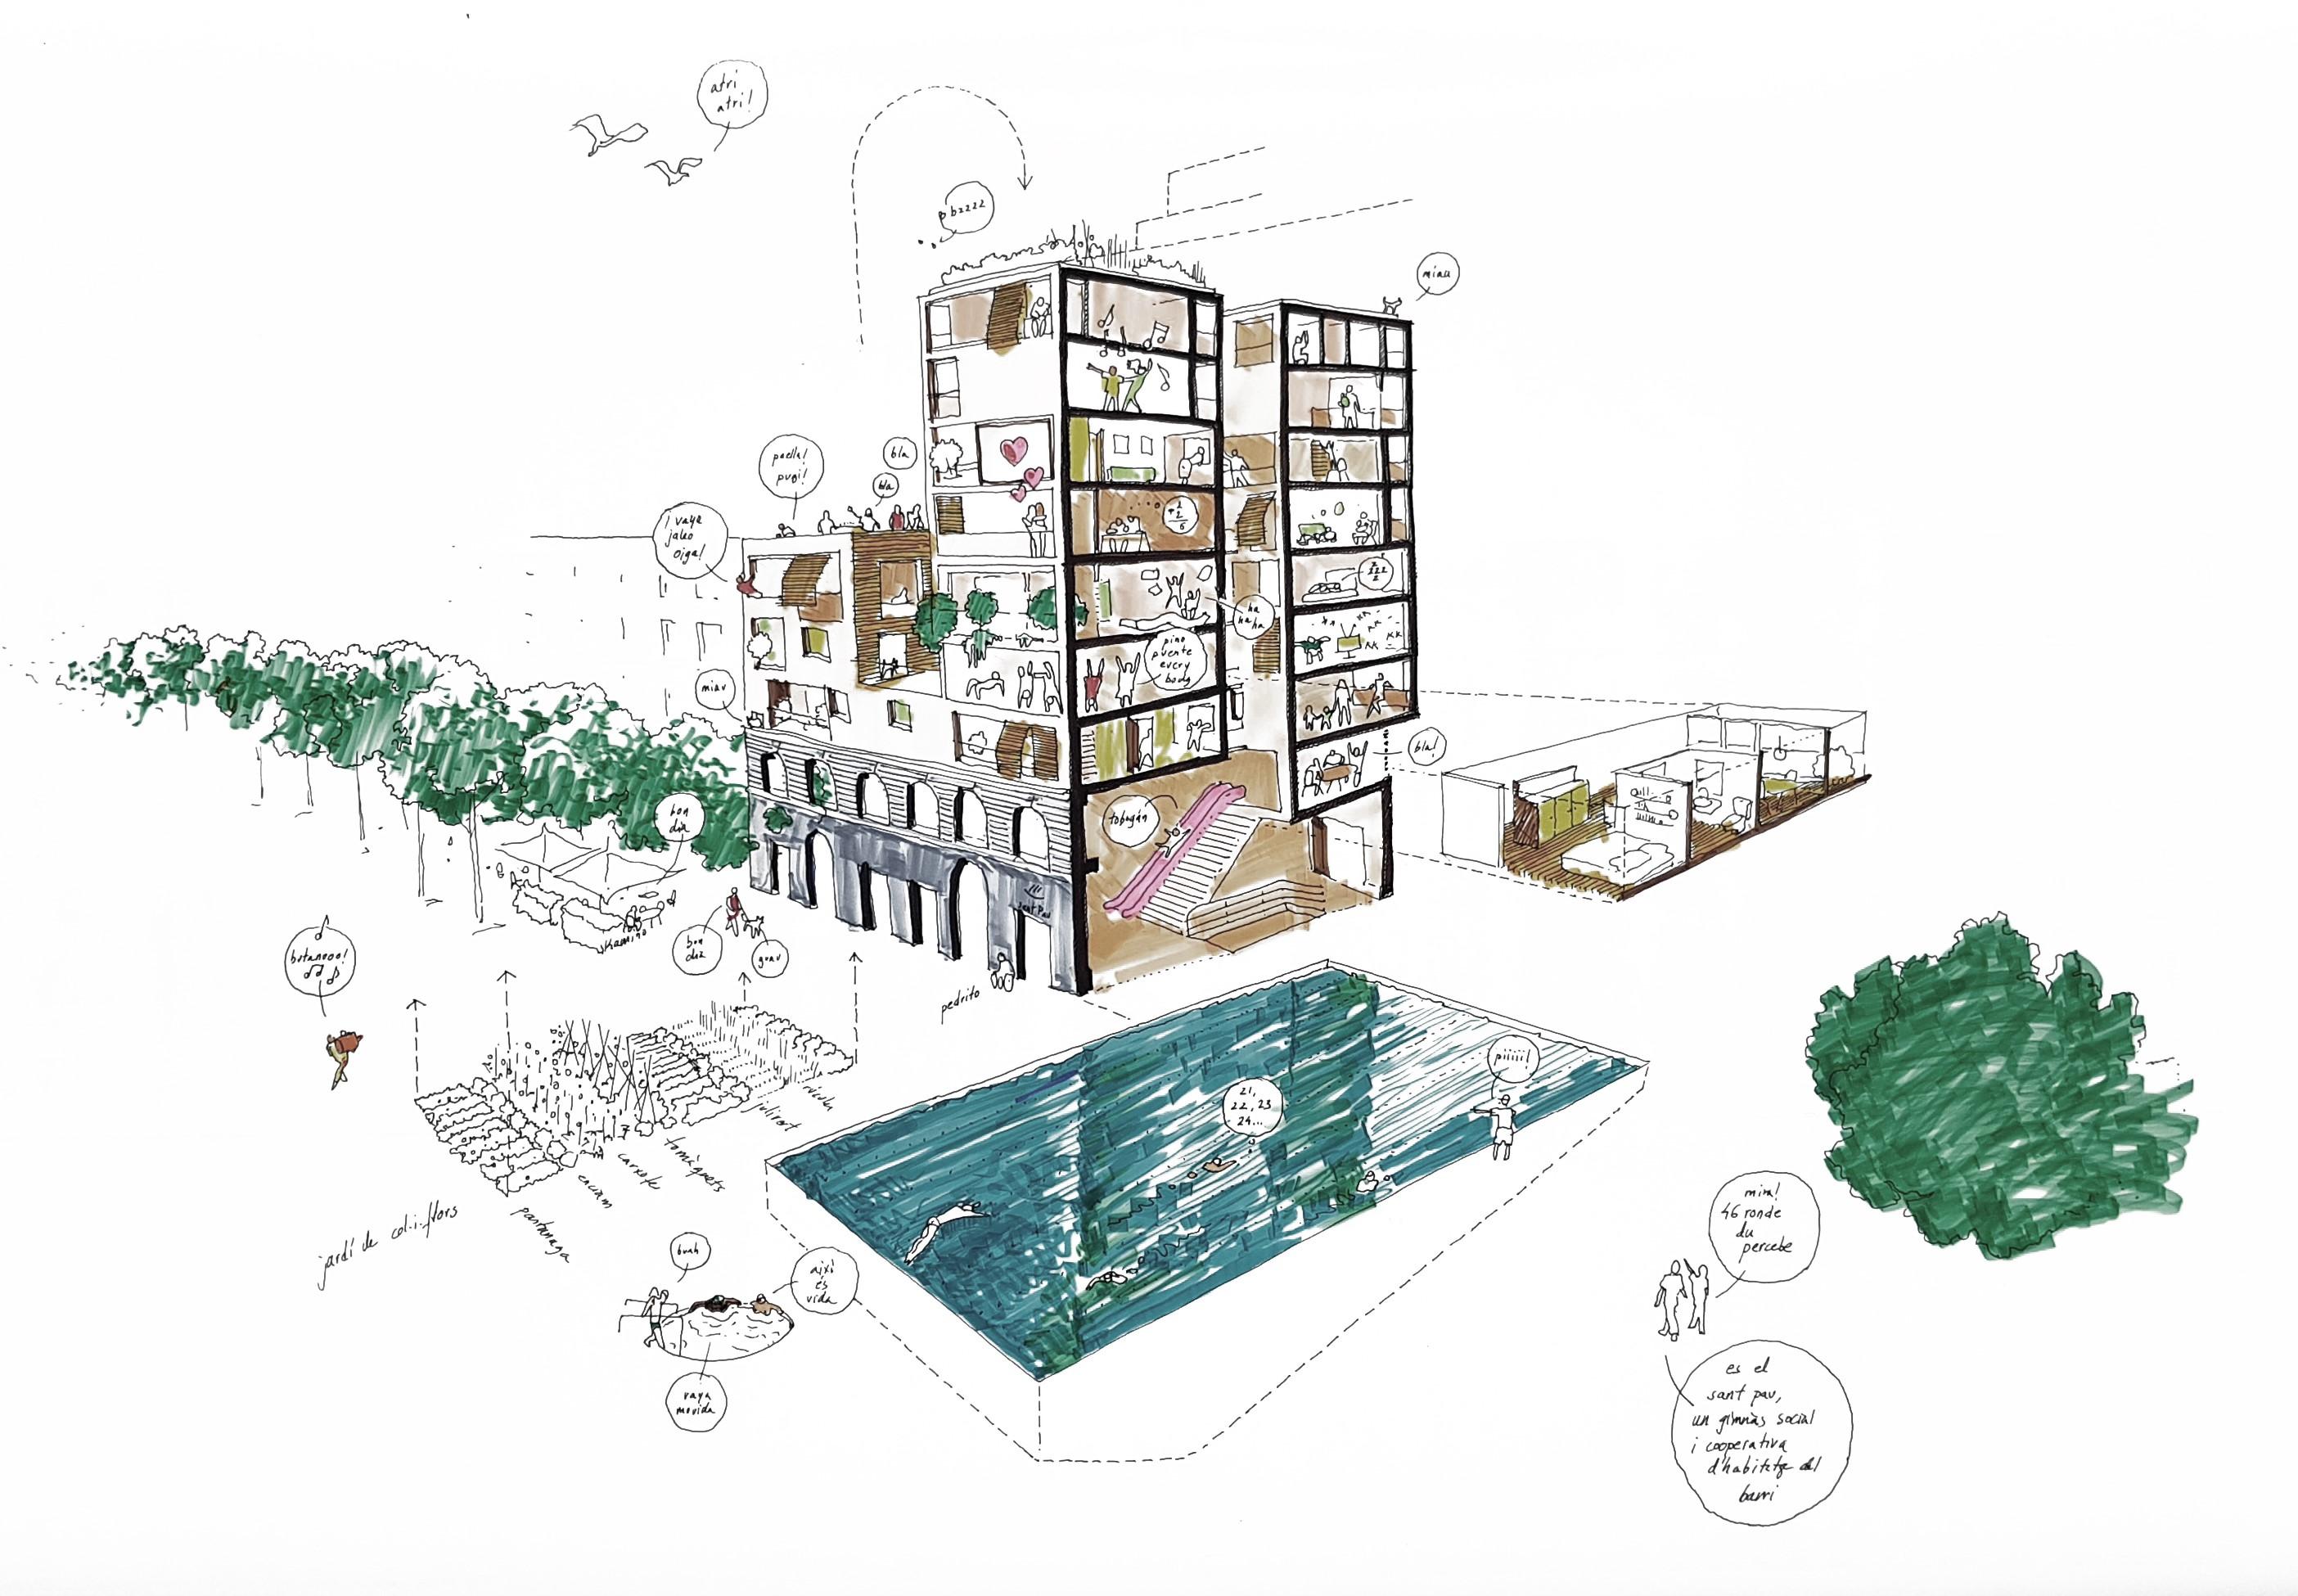 Jornades per repensar l'arquitectura-les bernardes